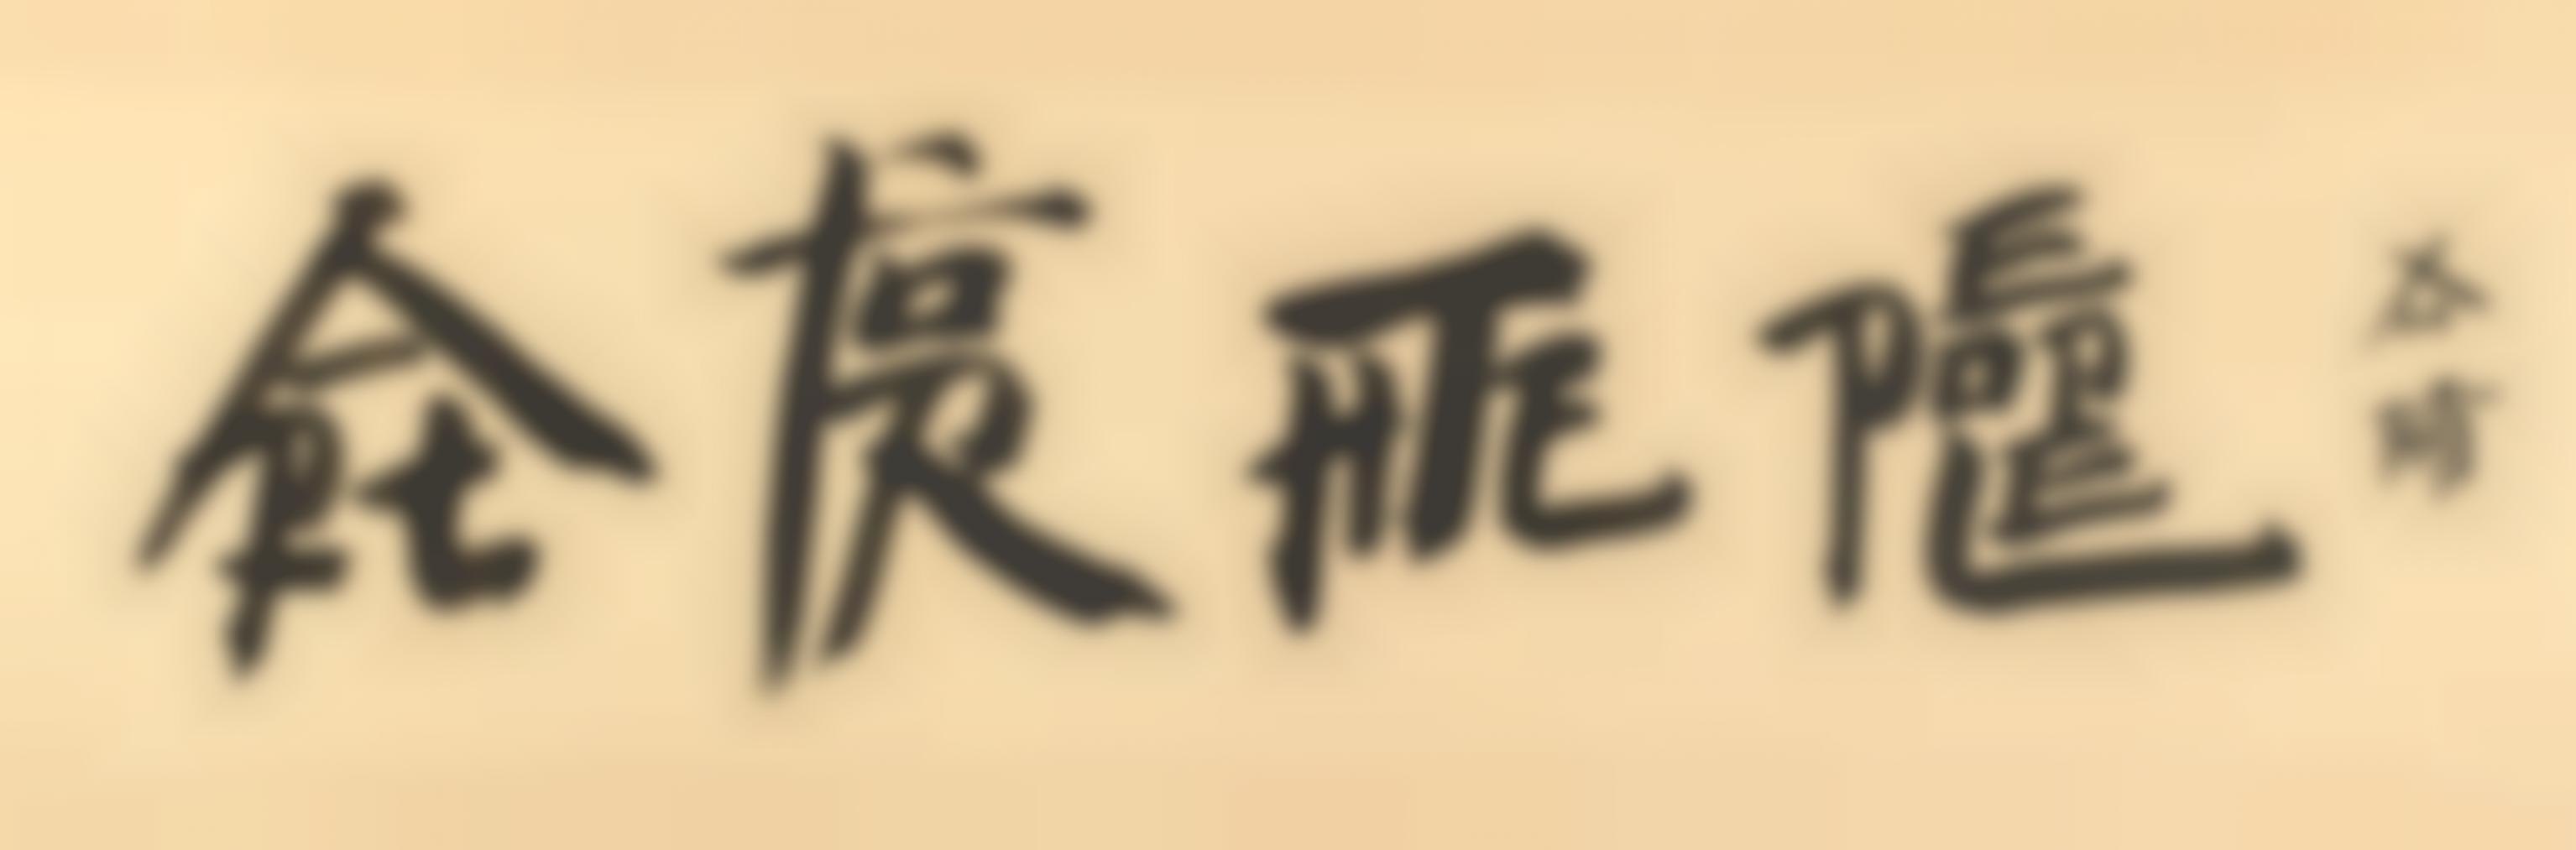 Xu Bing-Art For The People-